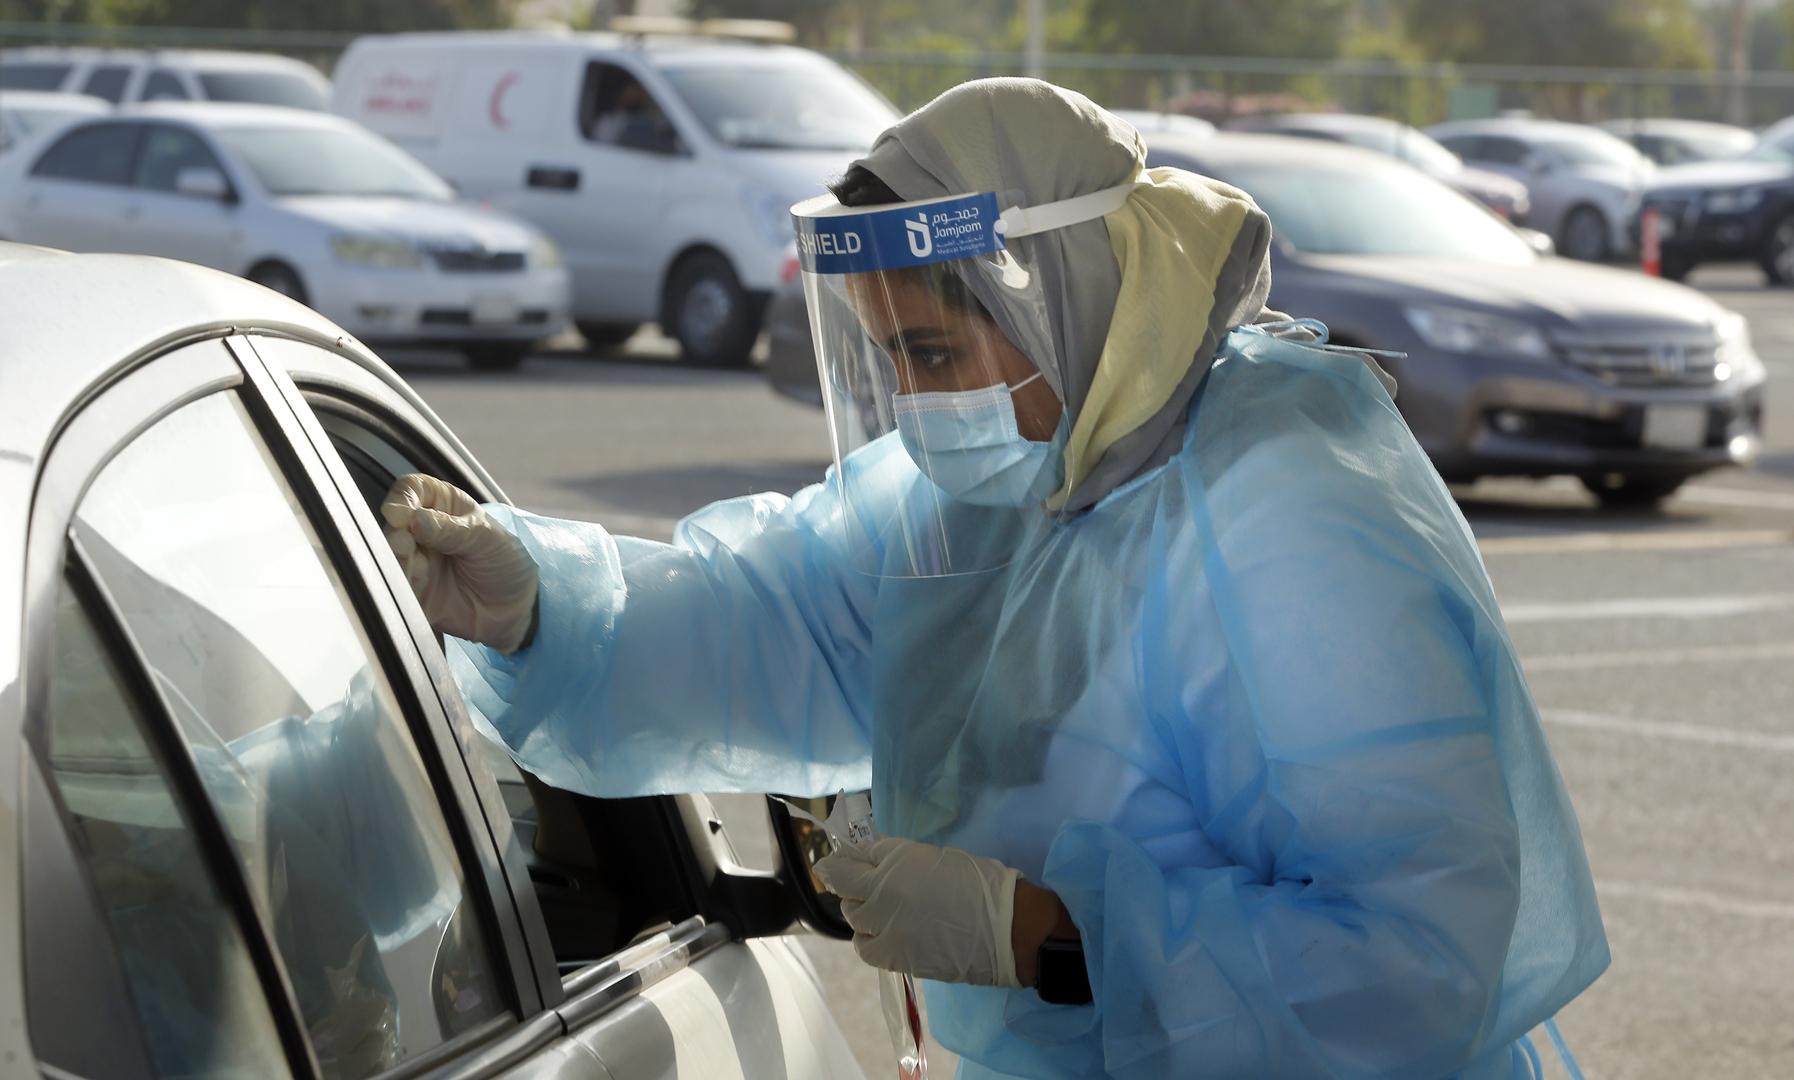 الكويت تستخدم تقنية للكشف عن كورونا و21 فيروسا مرتبطا بأمراض الجهاز التنفسي